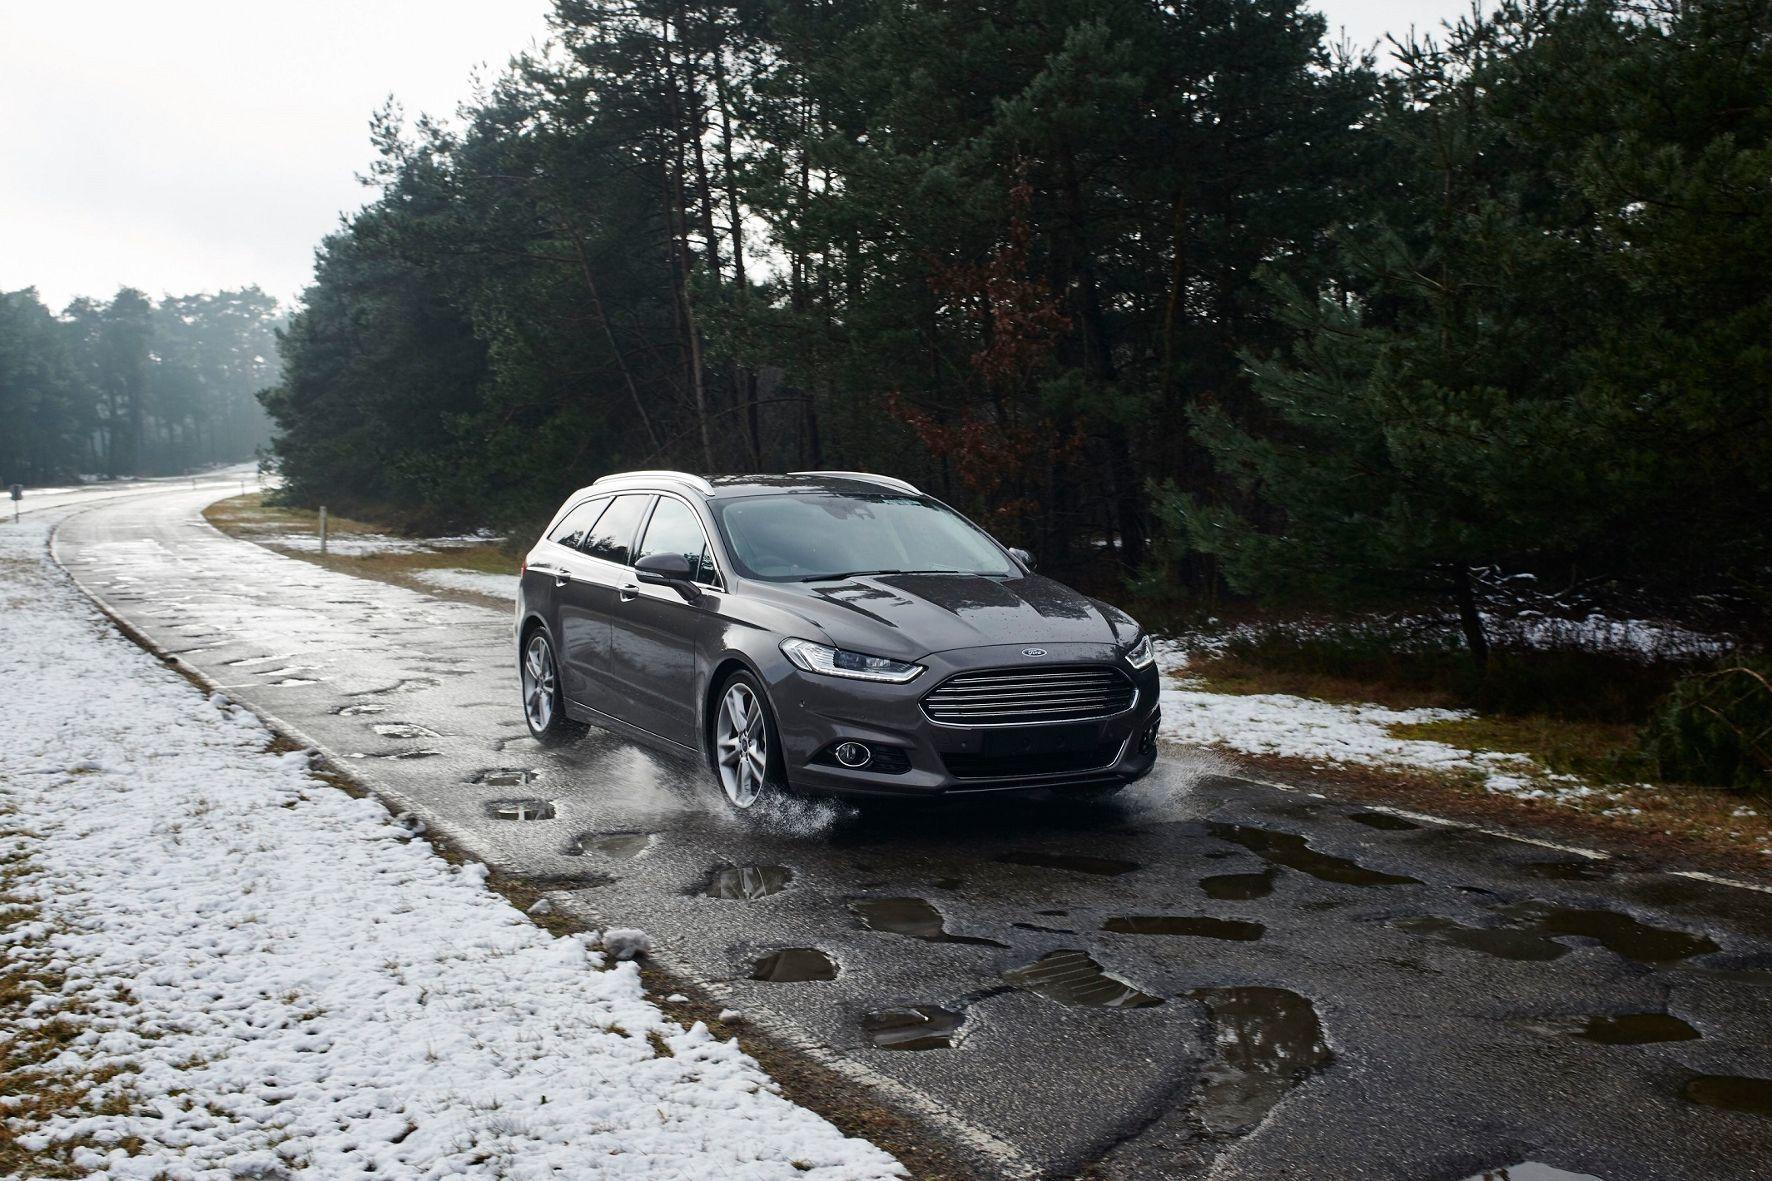 mid Groß-Gerau - Ford widmet sich dem leidigen Thema Schlaglöcher und forscht an einem Assistenzsystem, das Autofahrer warnt.